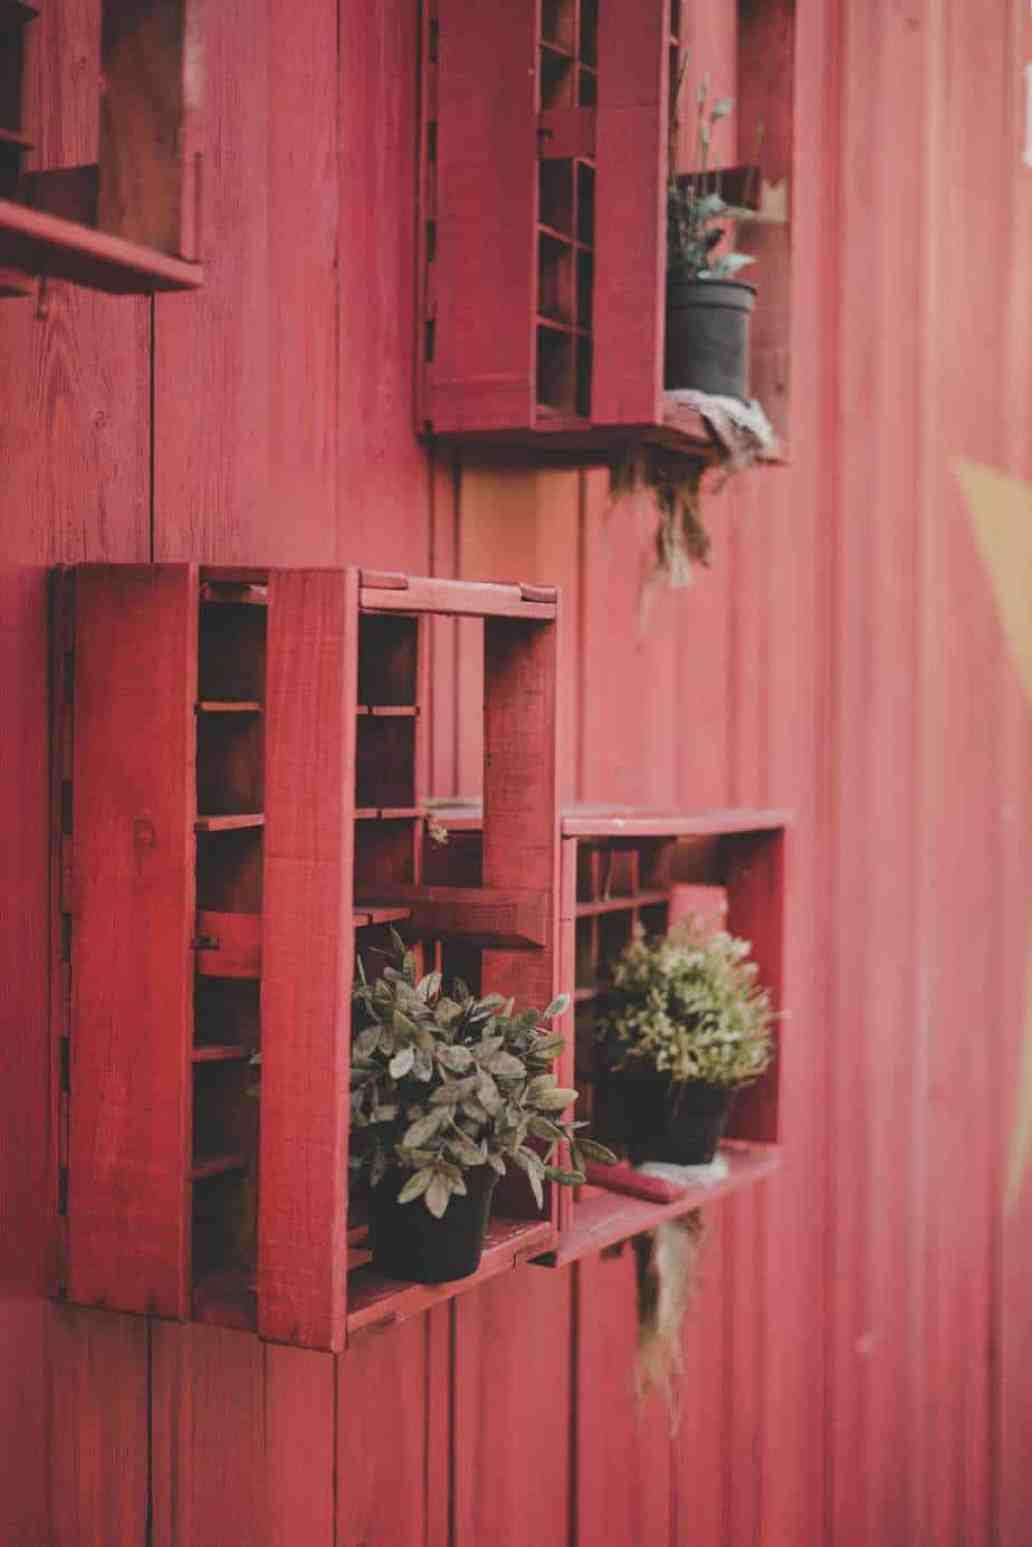 daniel tafjord 778043 unsplash 1366x2048 - 5 idées de recyclage pour tous les amoureux des travaux DIY !